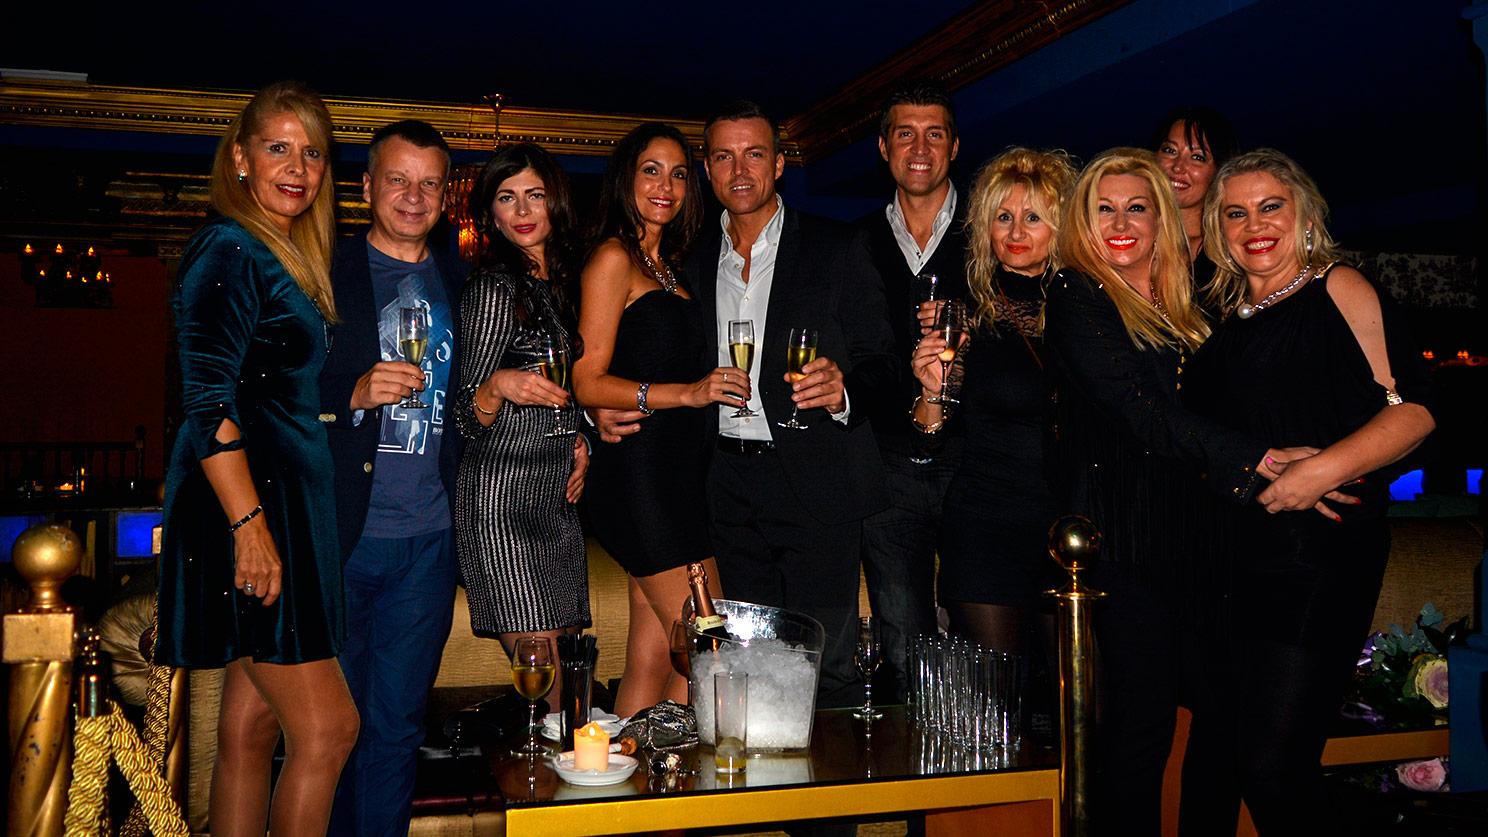 Ariana's Birthday Party at Opera Room Disco Club - Marbella